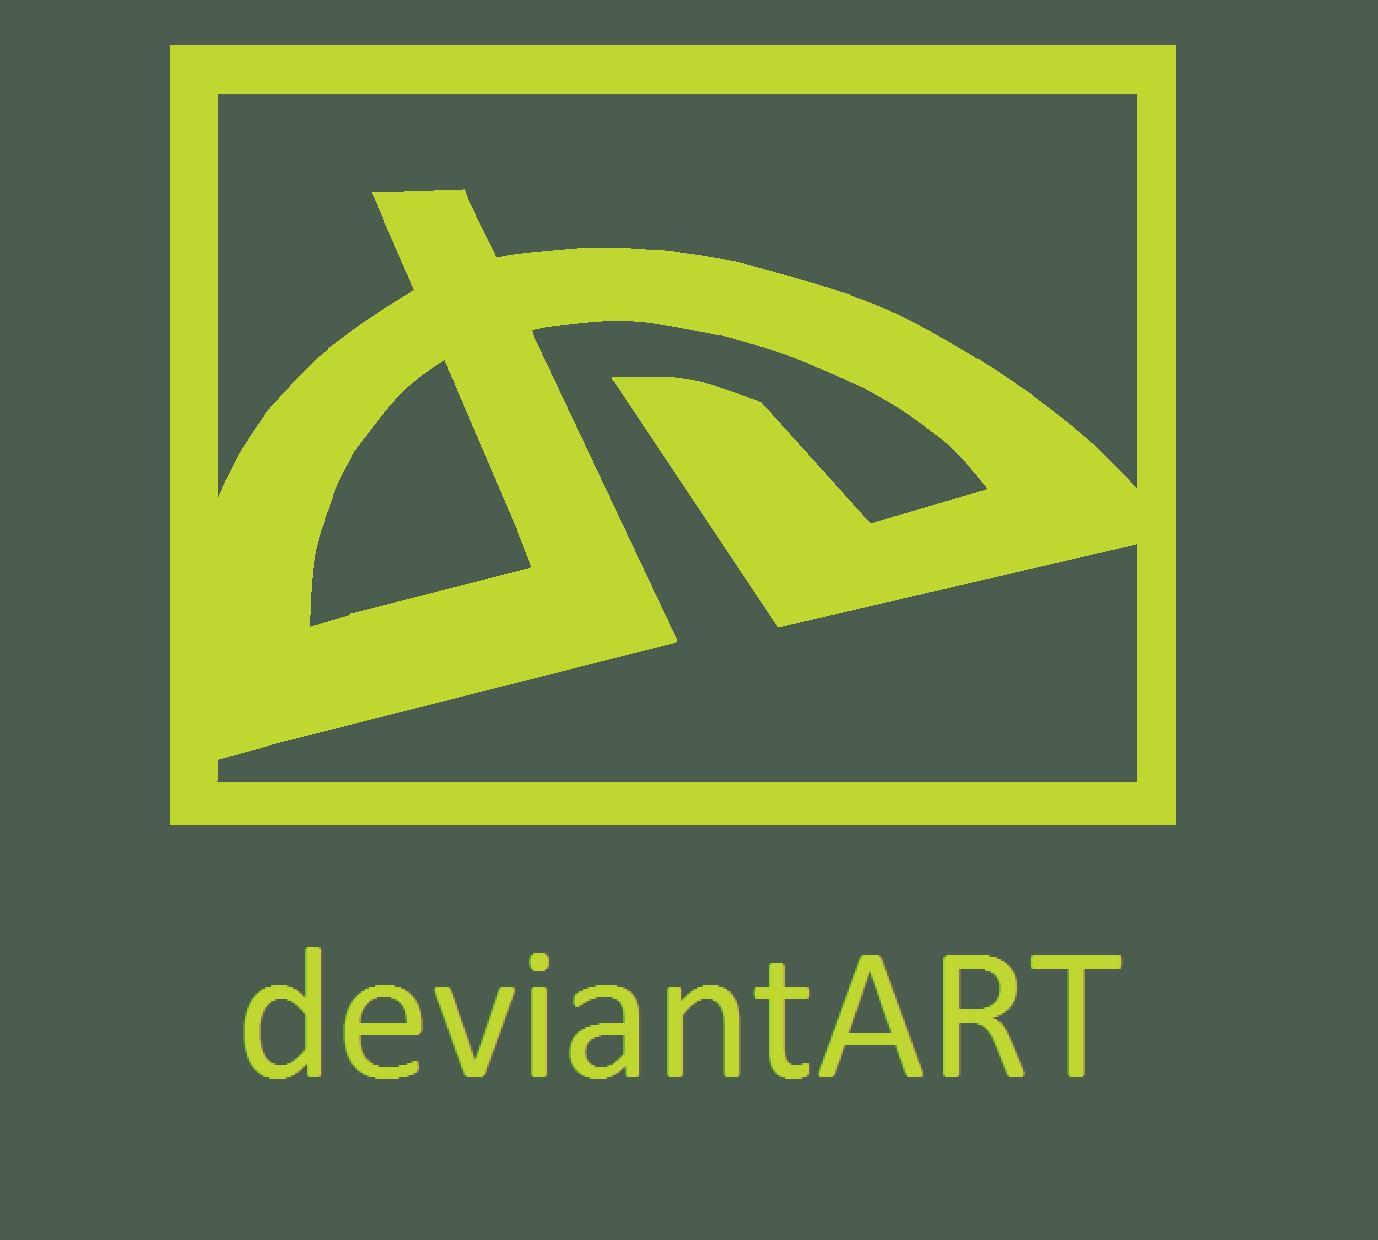 Meu DeviantART